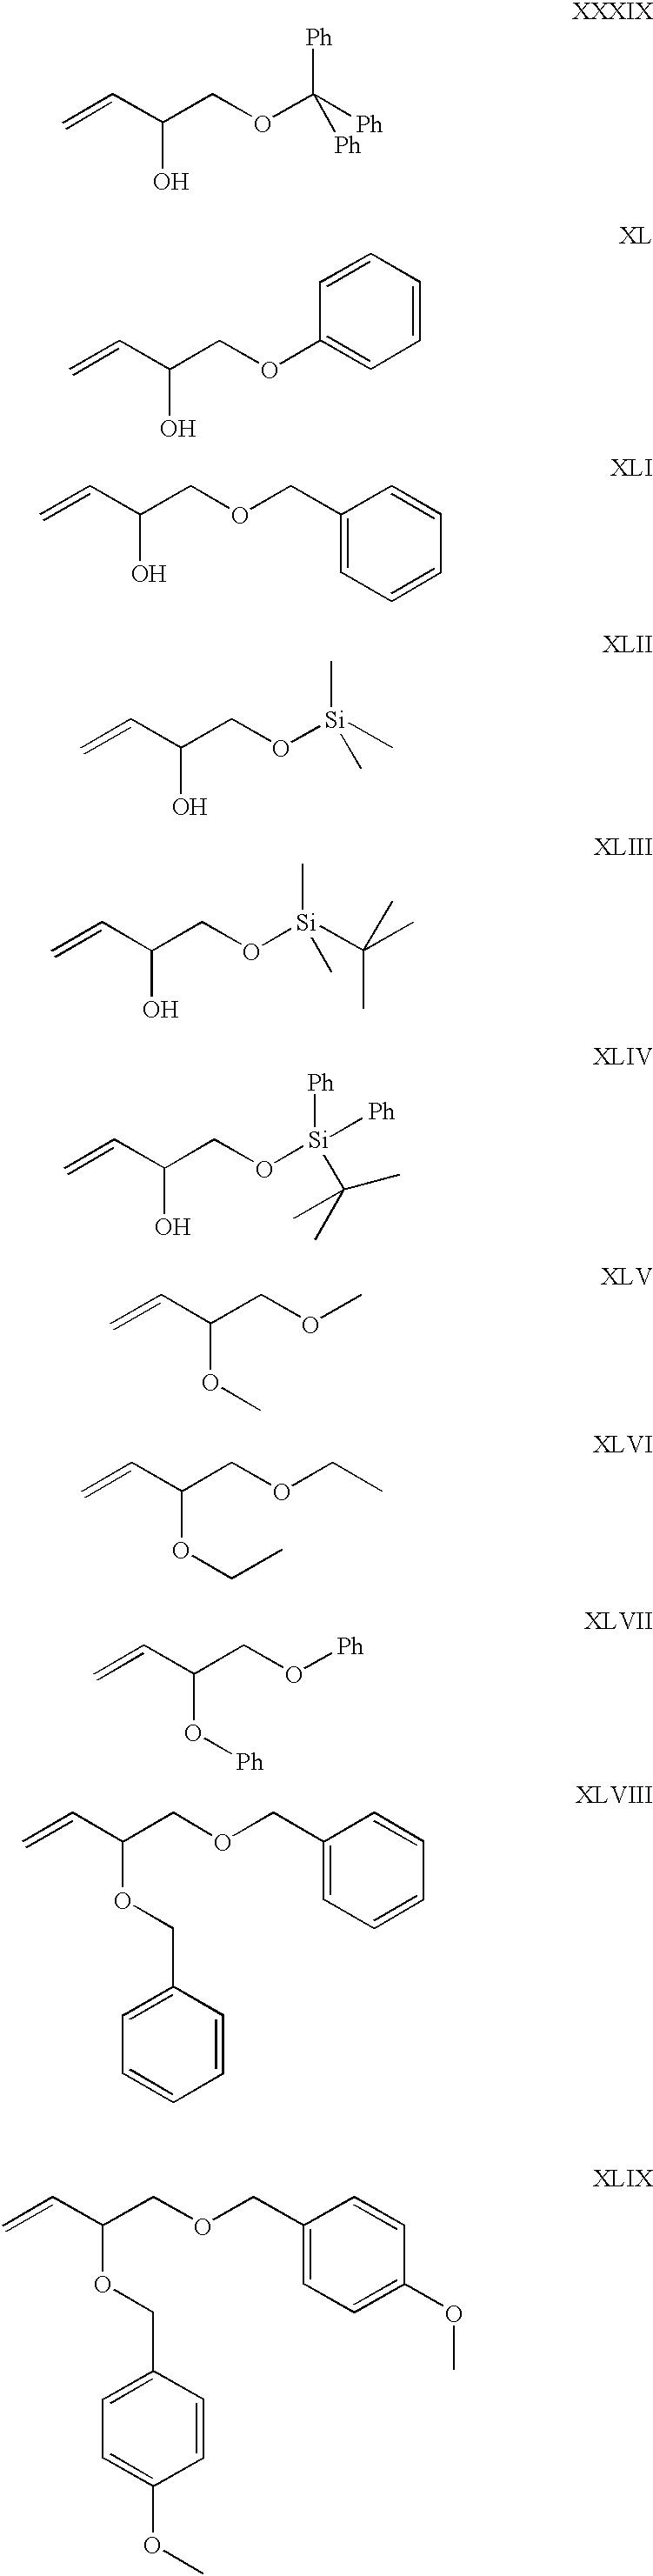 Figure US06608157-20030819-C00009